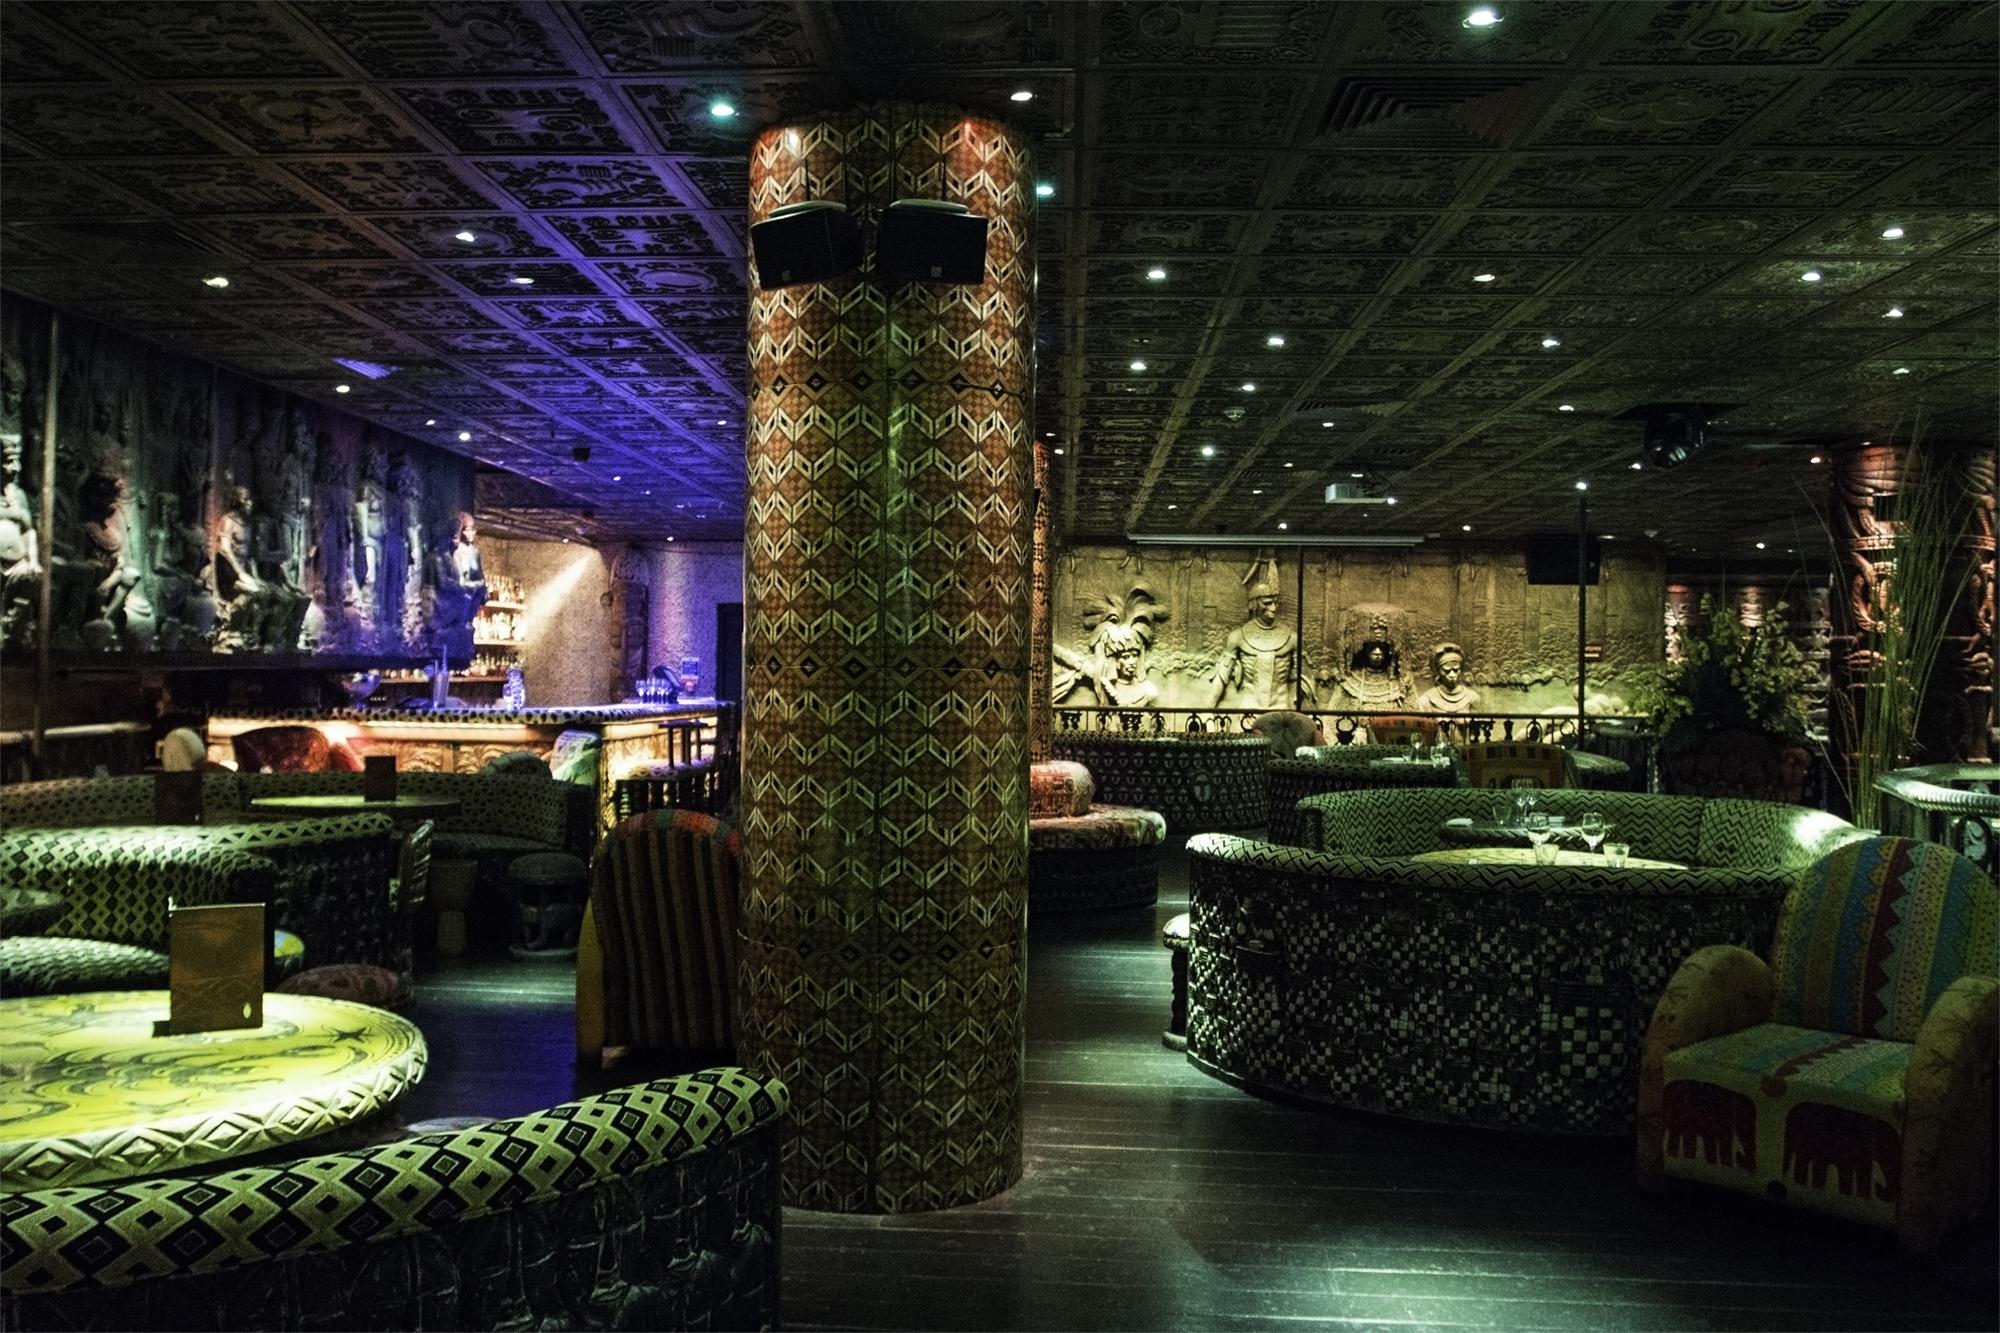 Shaka Zulu Restaurant, London [David_Rothwell_Shaka_Zulu_Camden